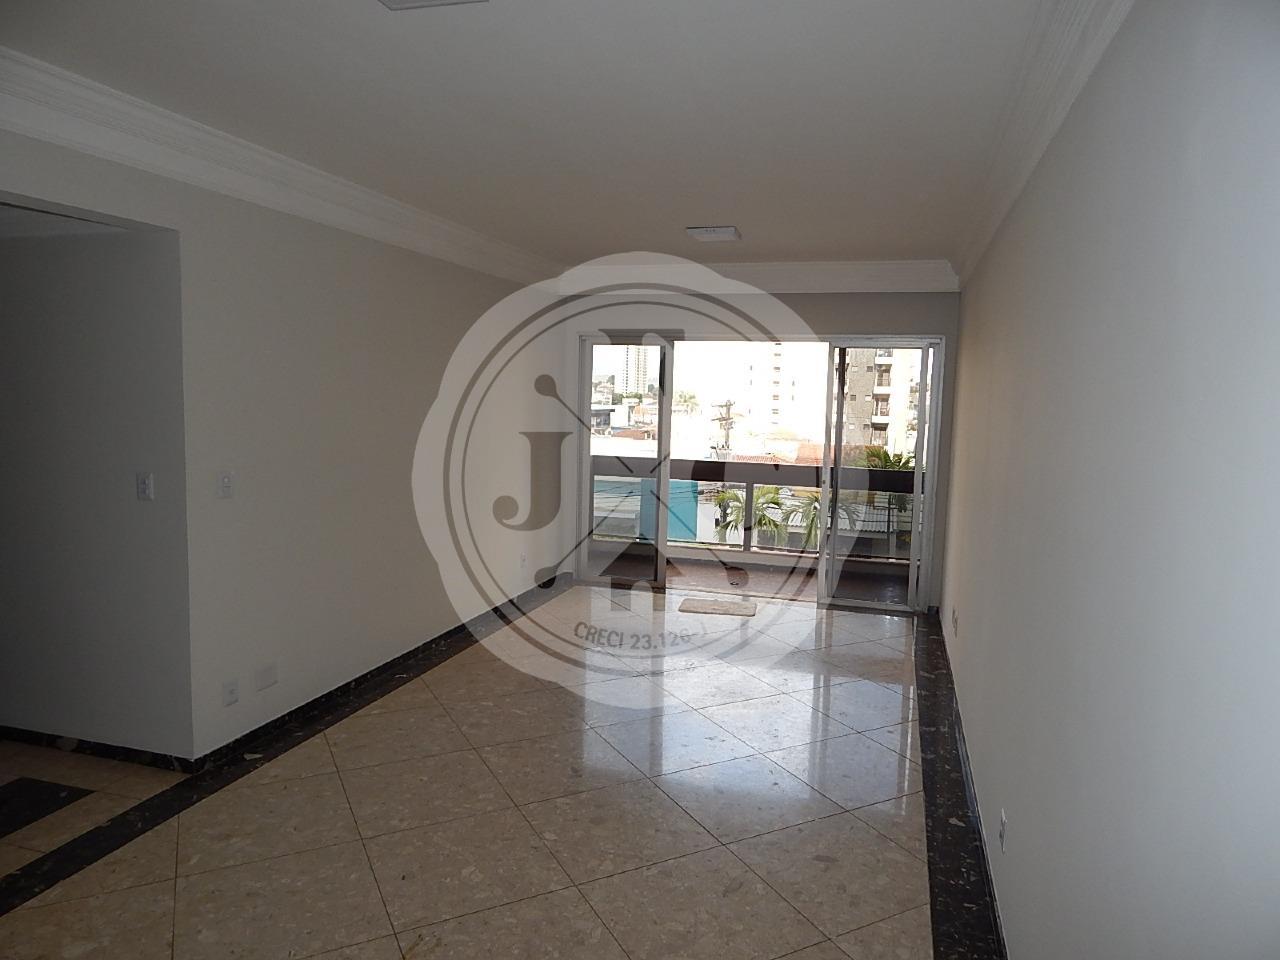 Apartamento à venda com 3 dormitórios, 1 suíte no bairro Santa Cruz.